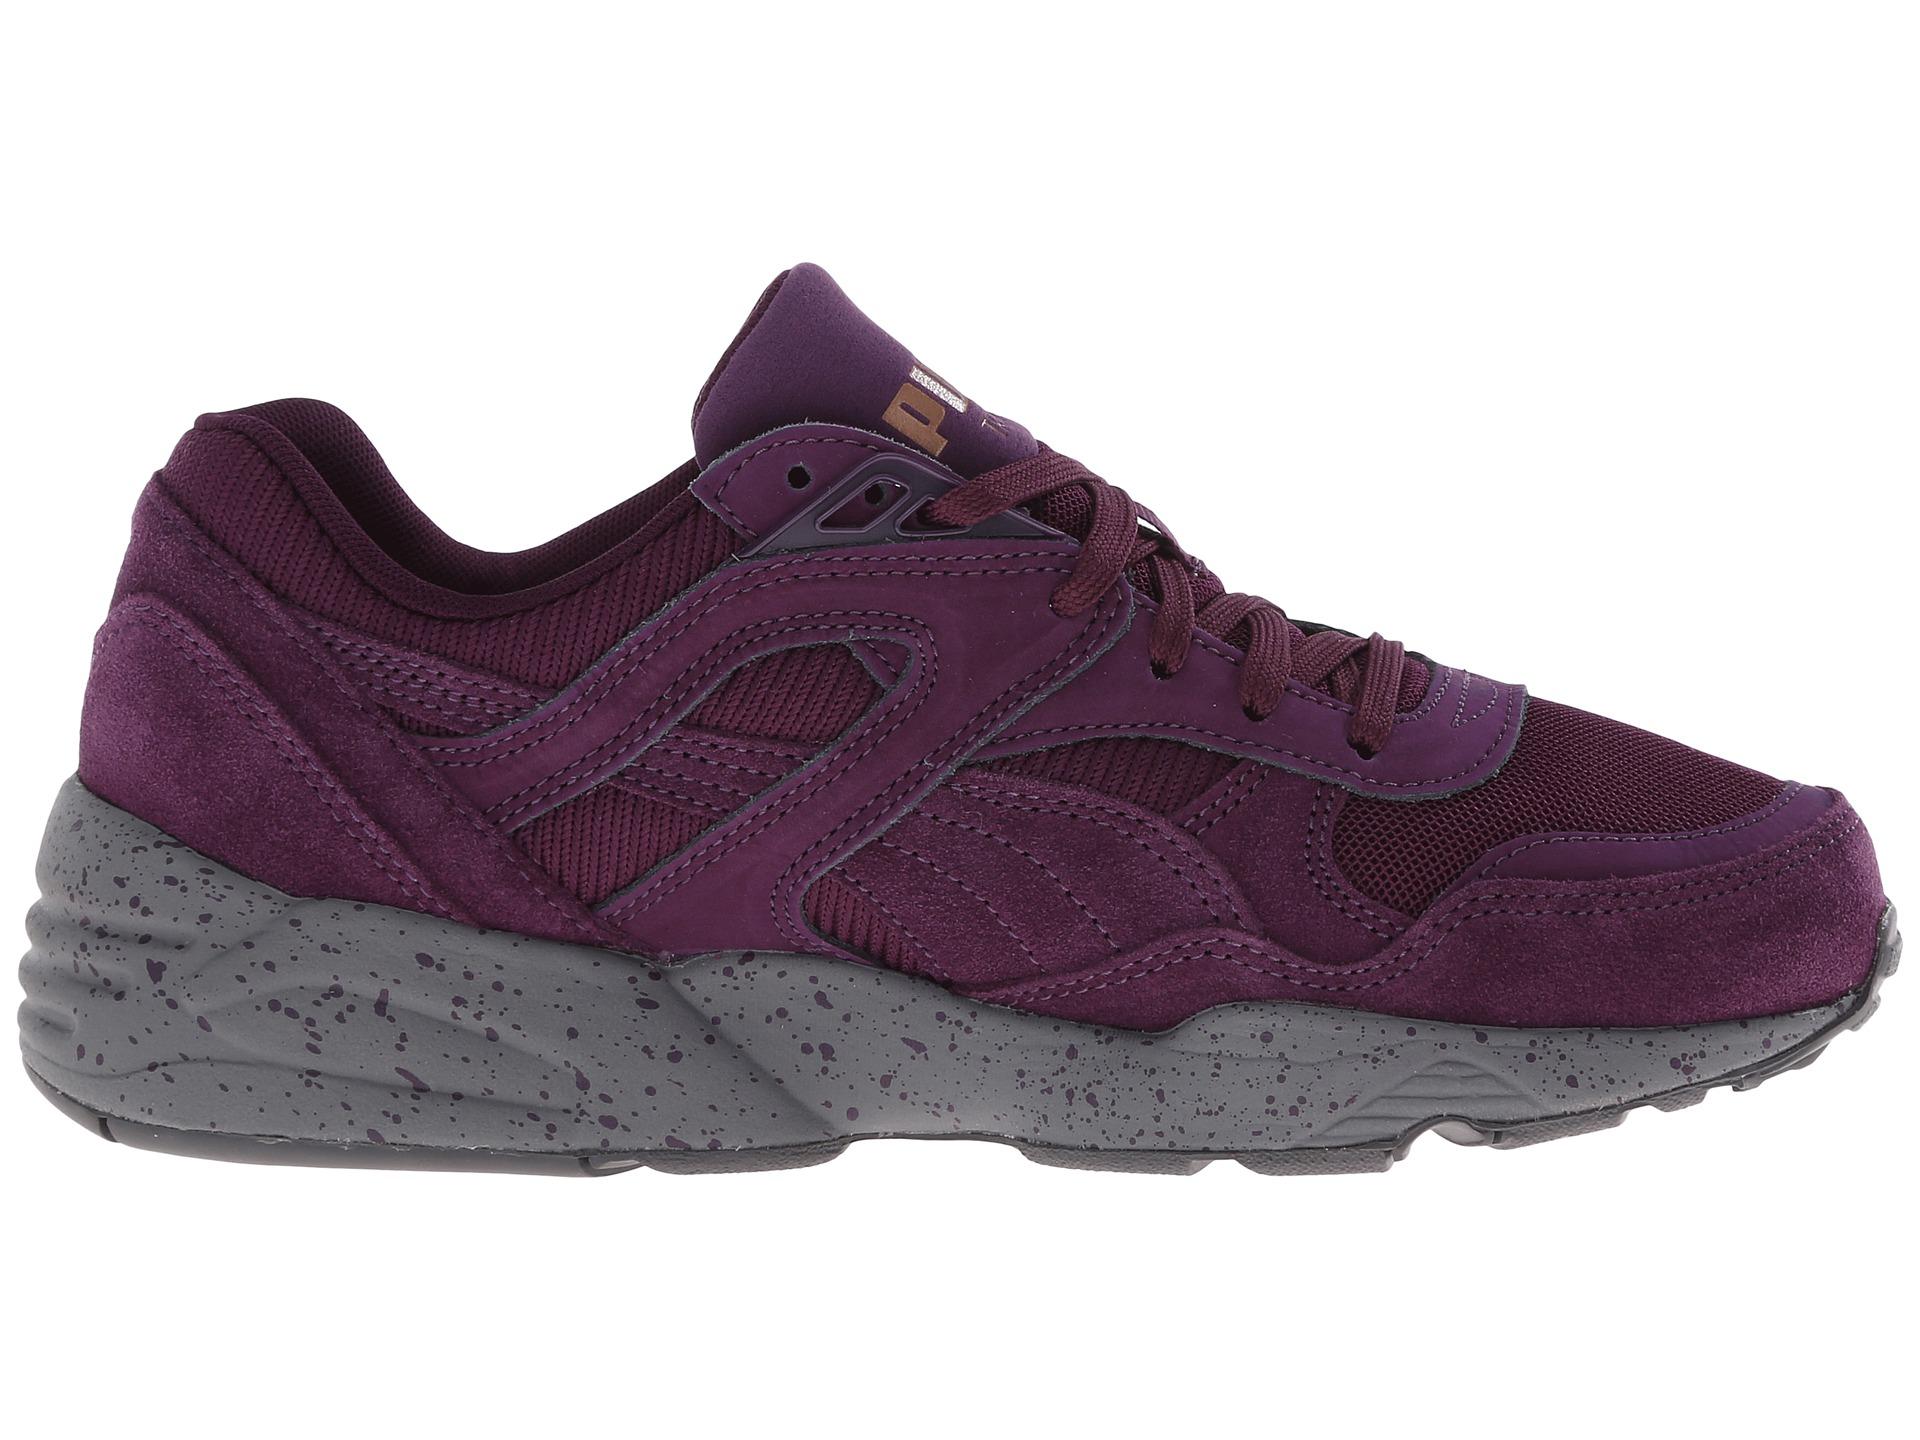 puma r698 purple